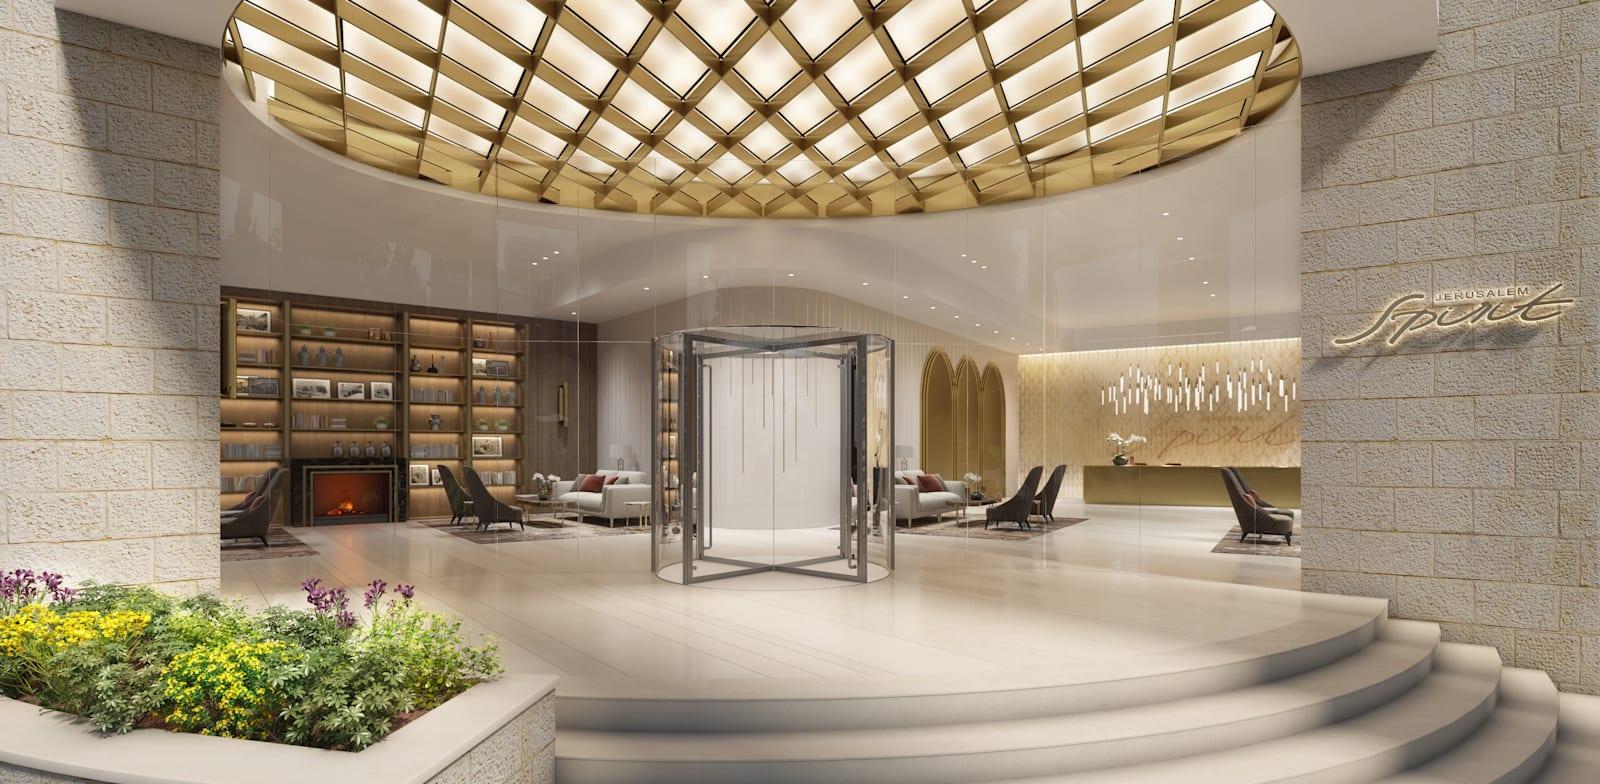 """כניסה לבניין בפרויקט """"ג'רוזלם ספיריט"""" / הדמיה: Viewpoint"""